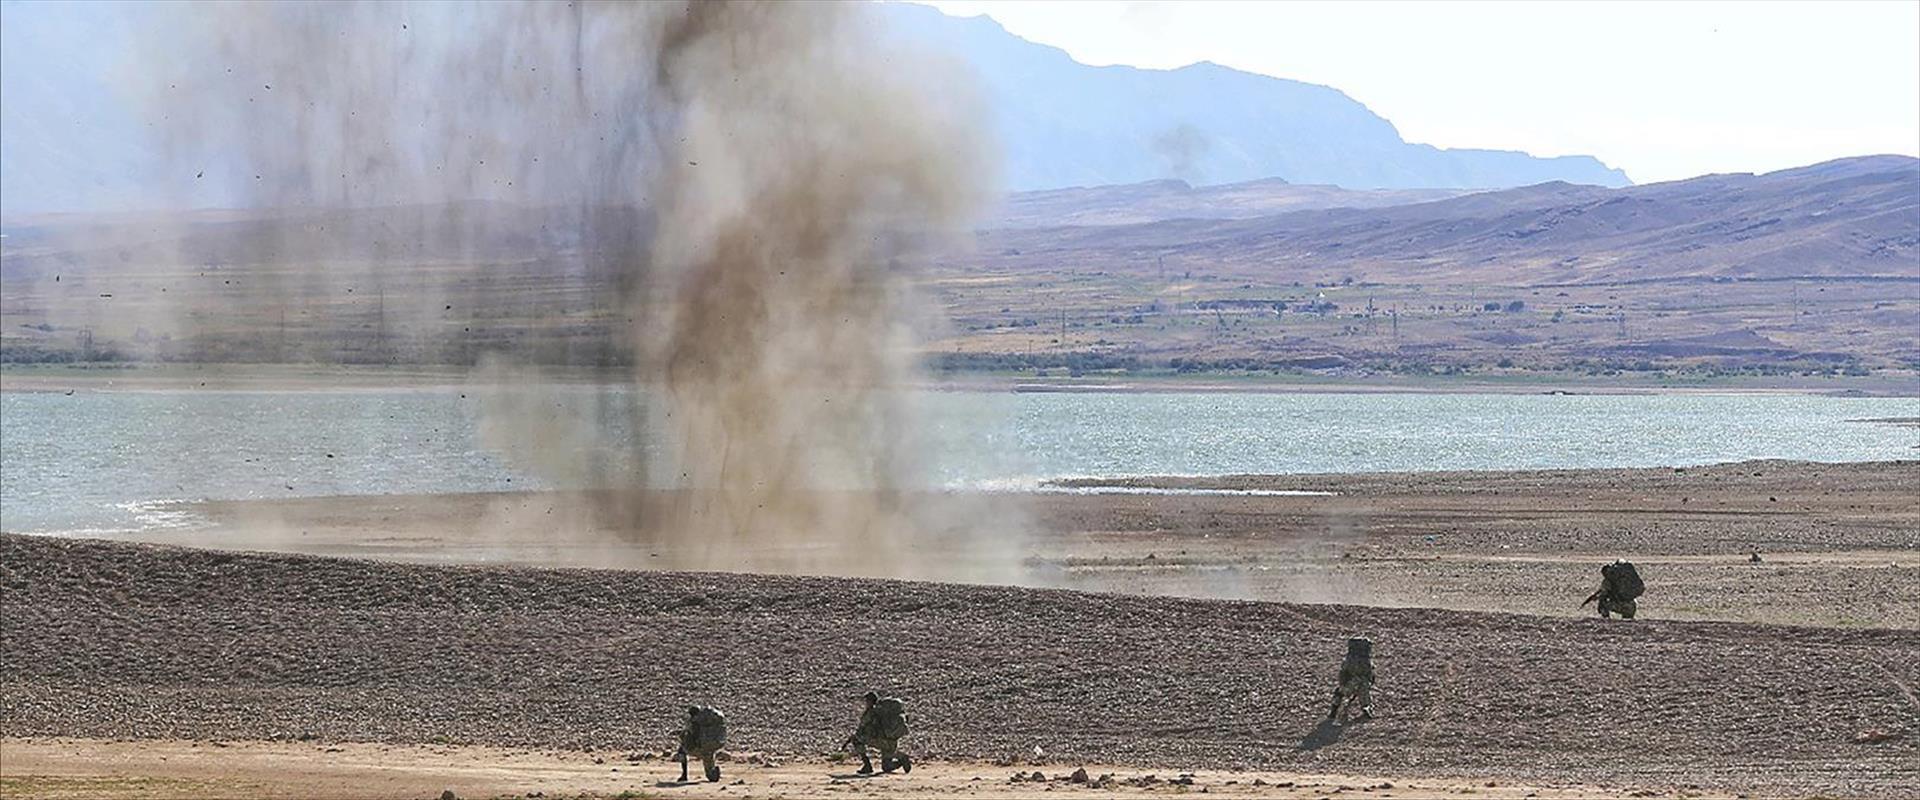 תרגיל צבאי איראני